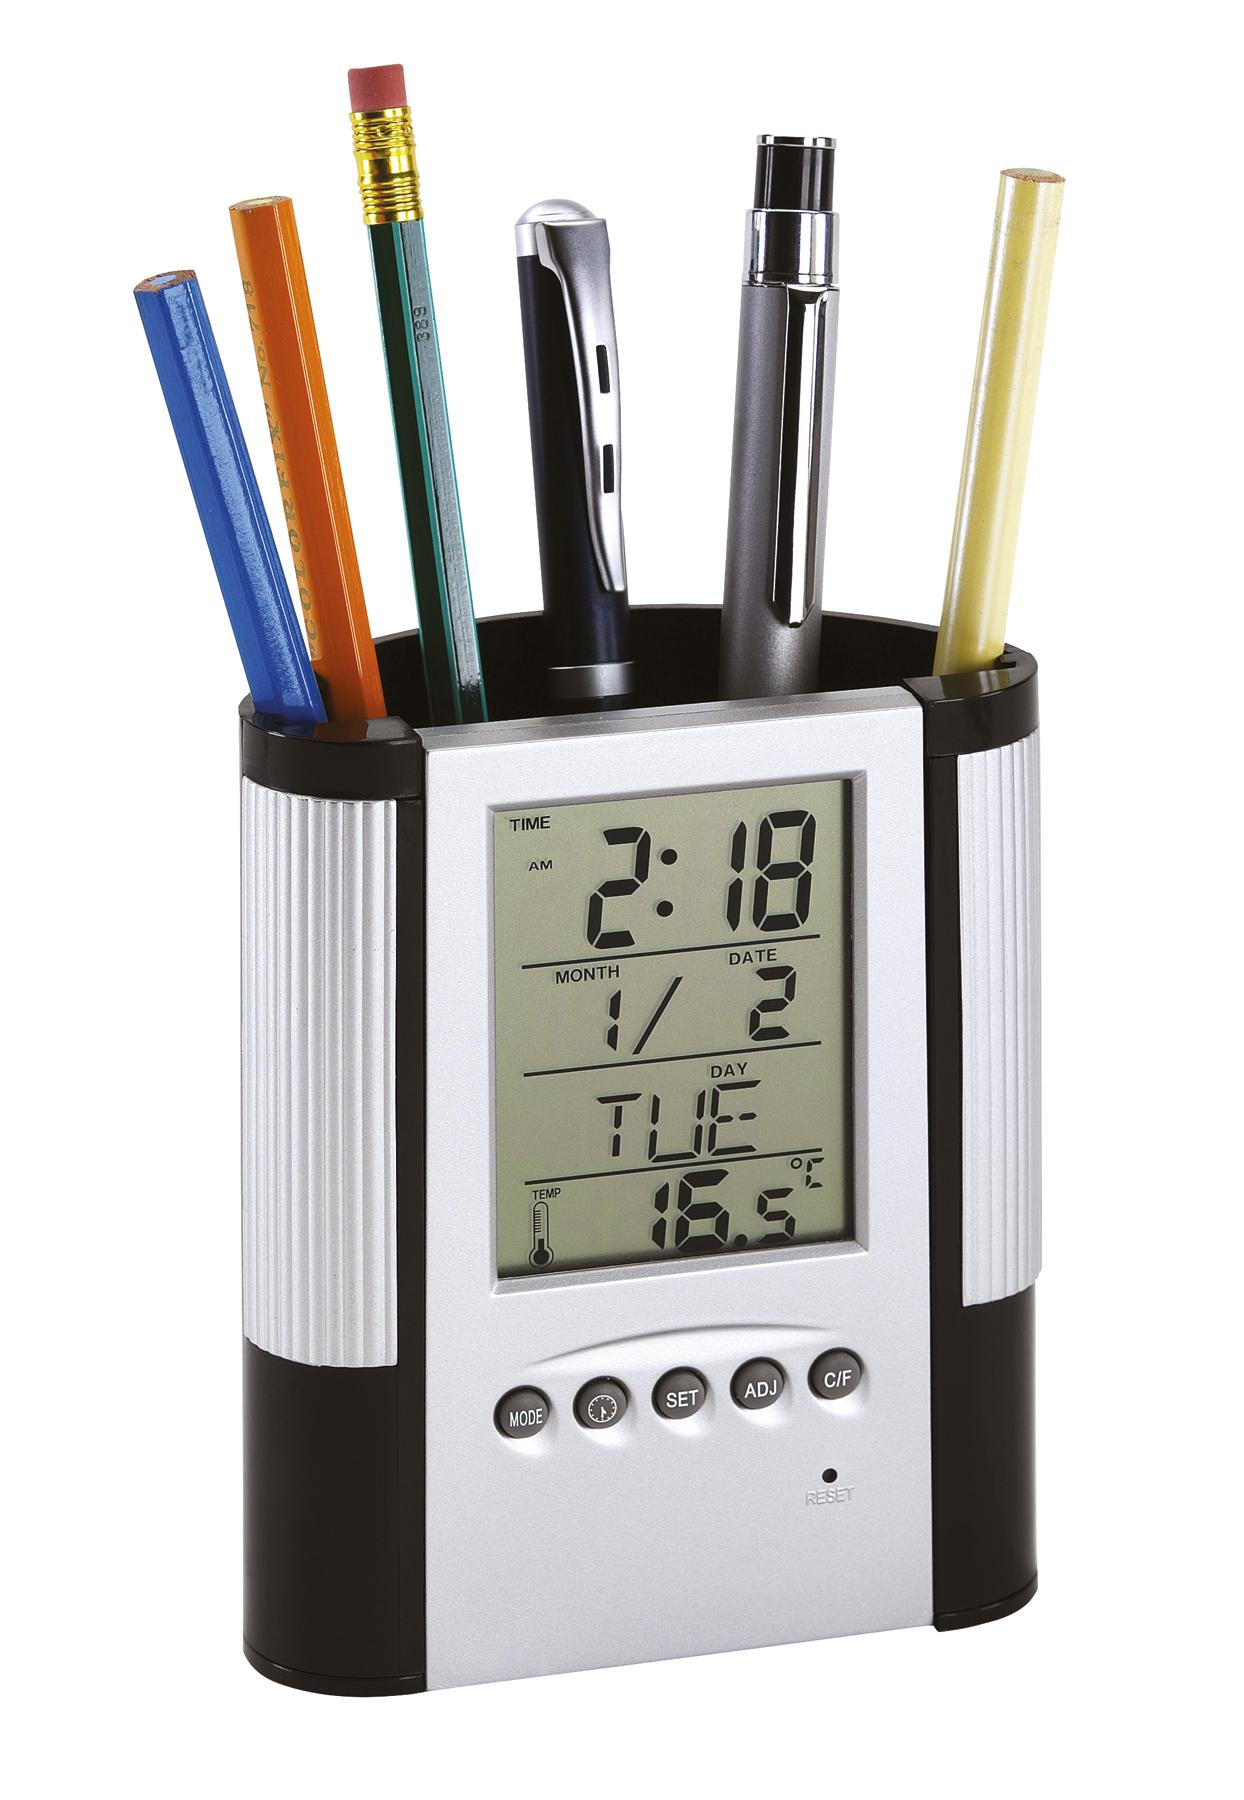 Zegar z wyświetlaczem LCD BUTLER, czarny, srebrny